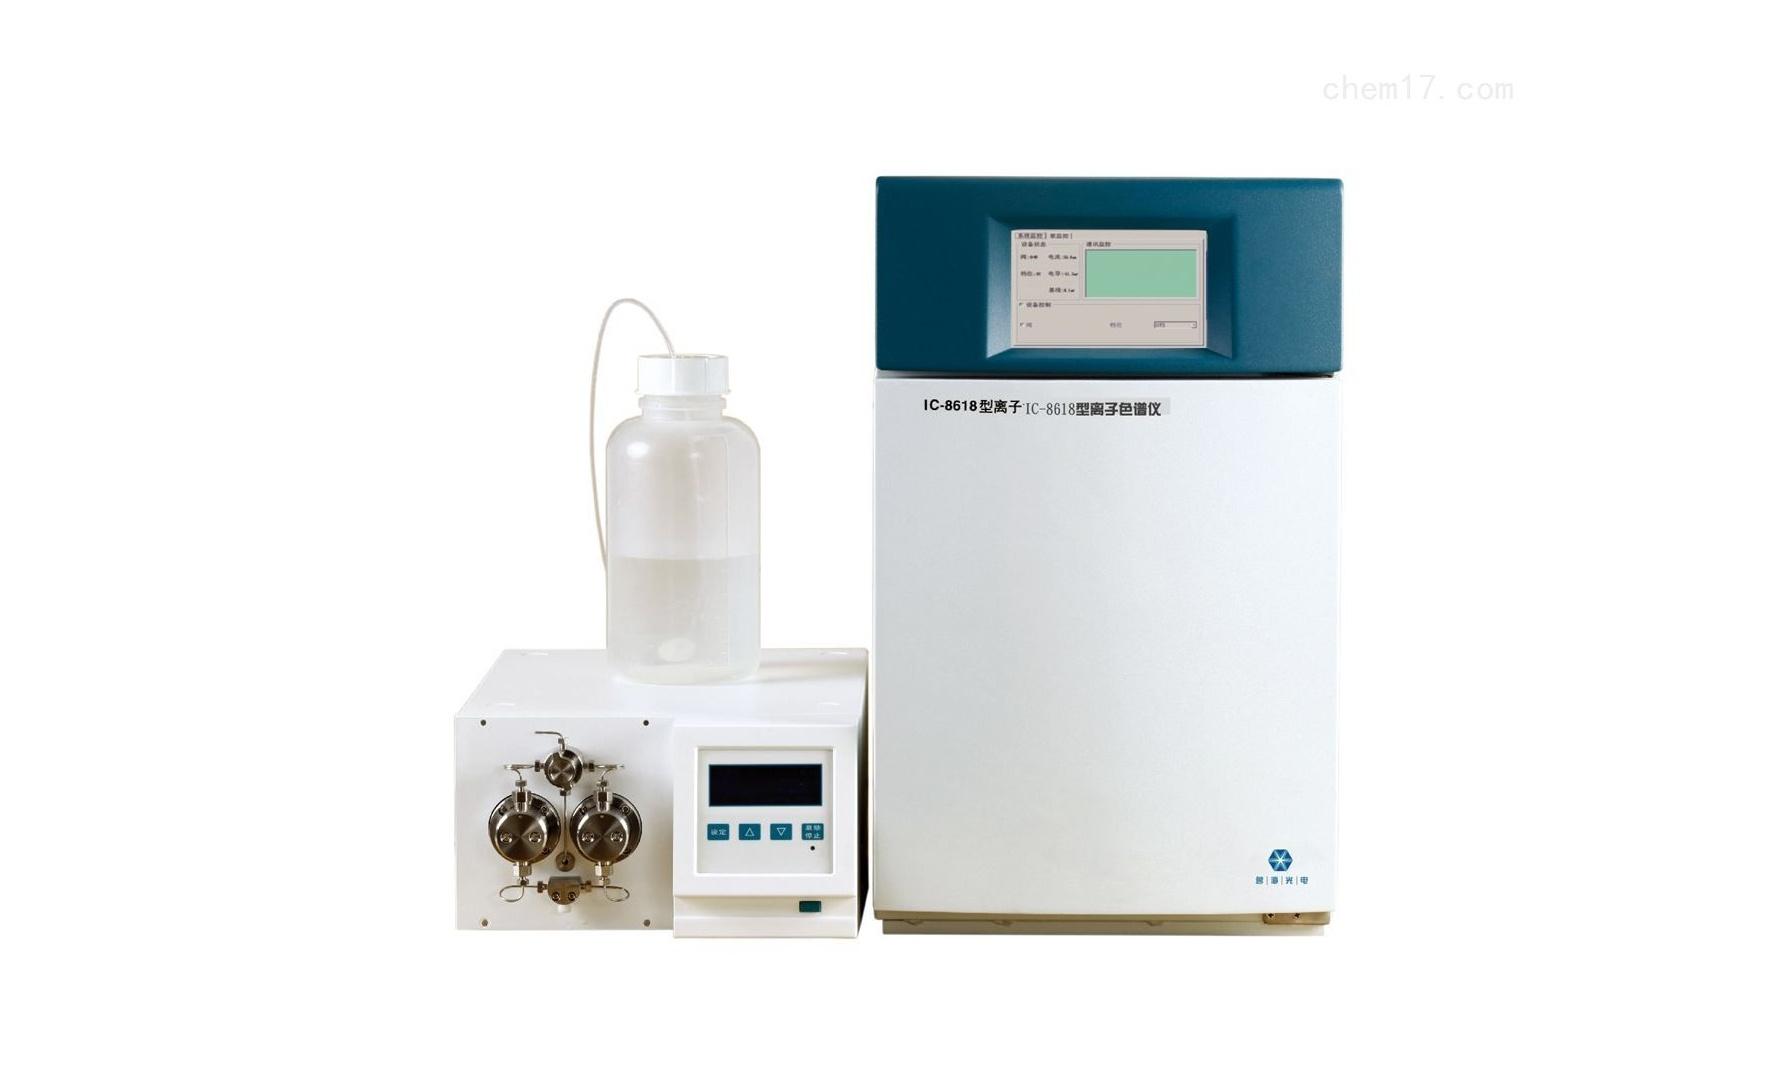 儋州市环境监测站-离子色谱仪、空气发生器、氢气发生器、氮气发生器公开招标